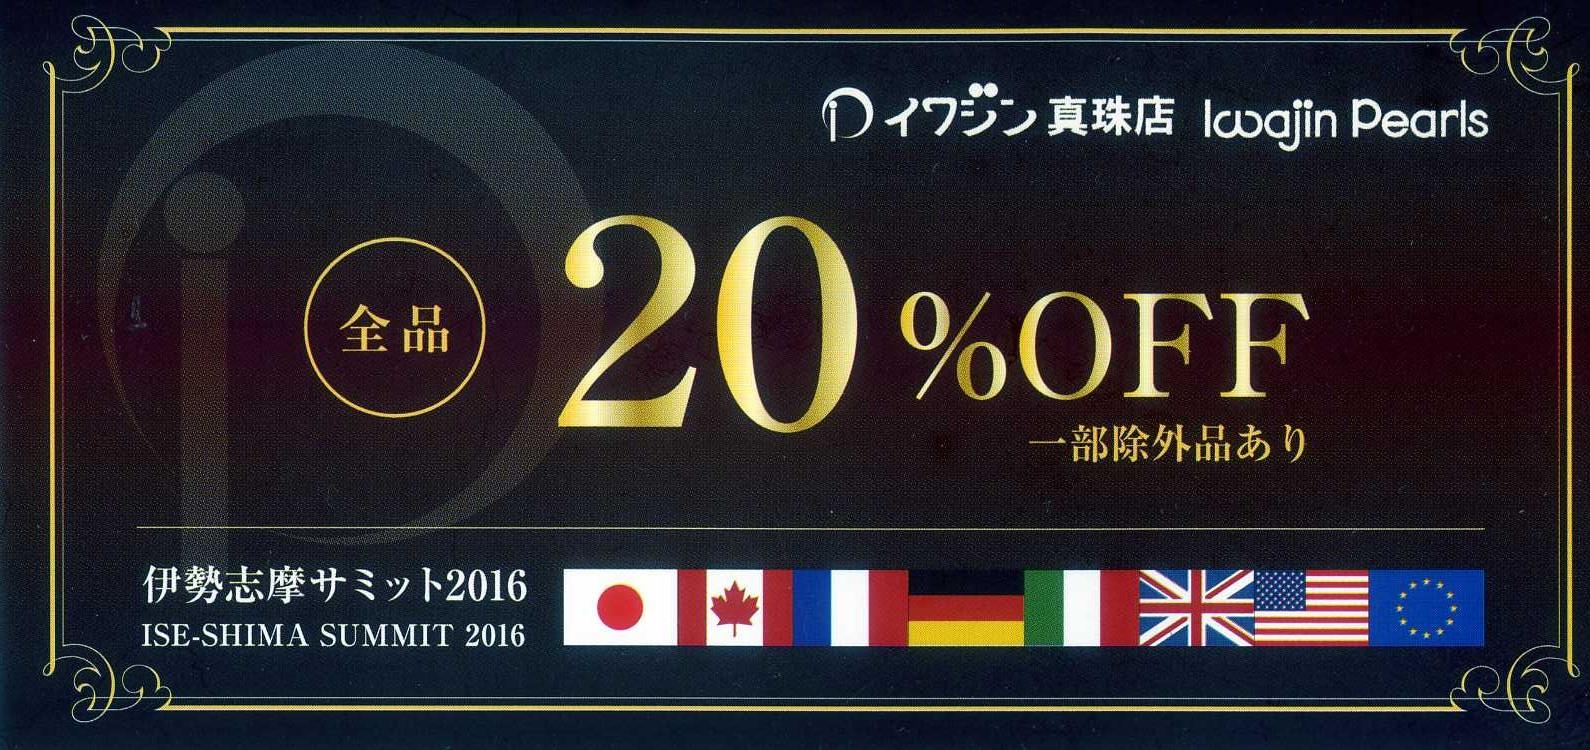 当店では伊勢志摩サミット開催を記念して、一部商品を除き、20%引き